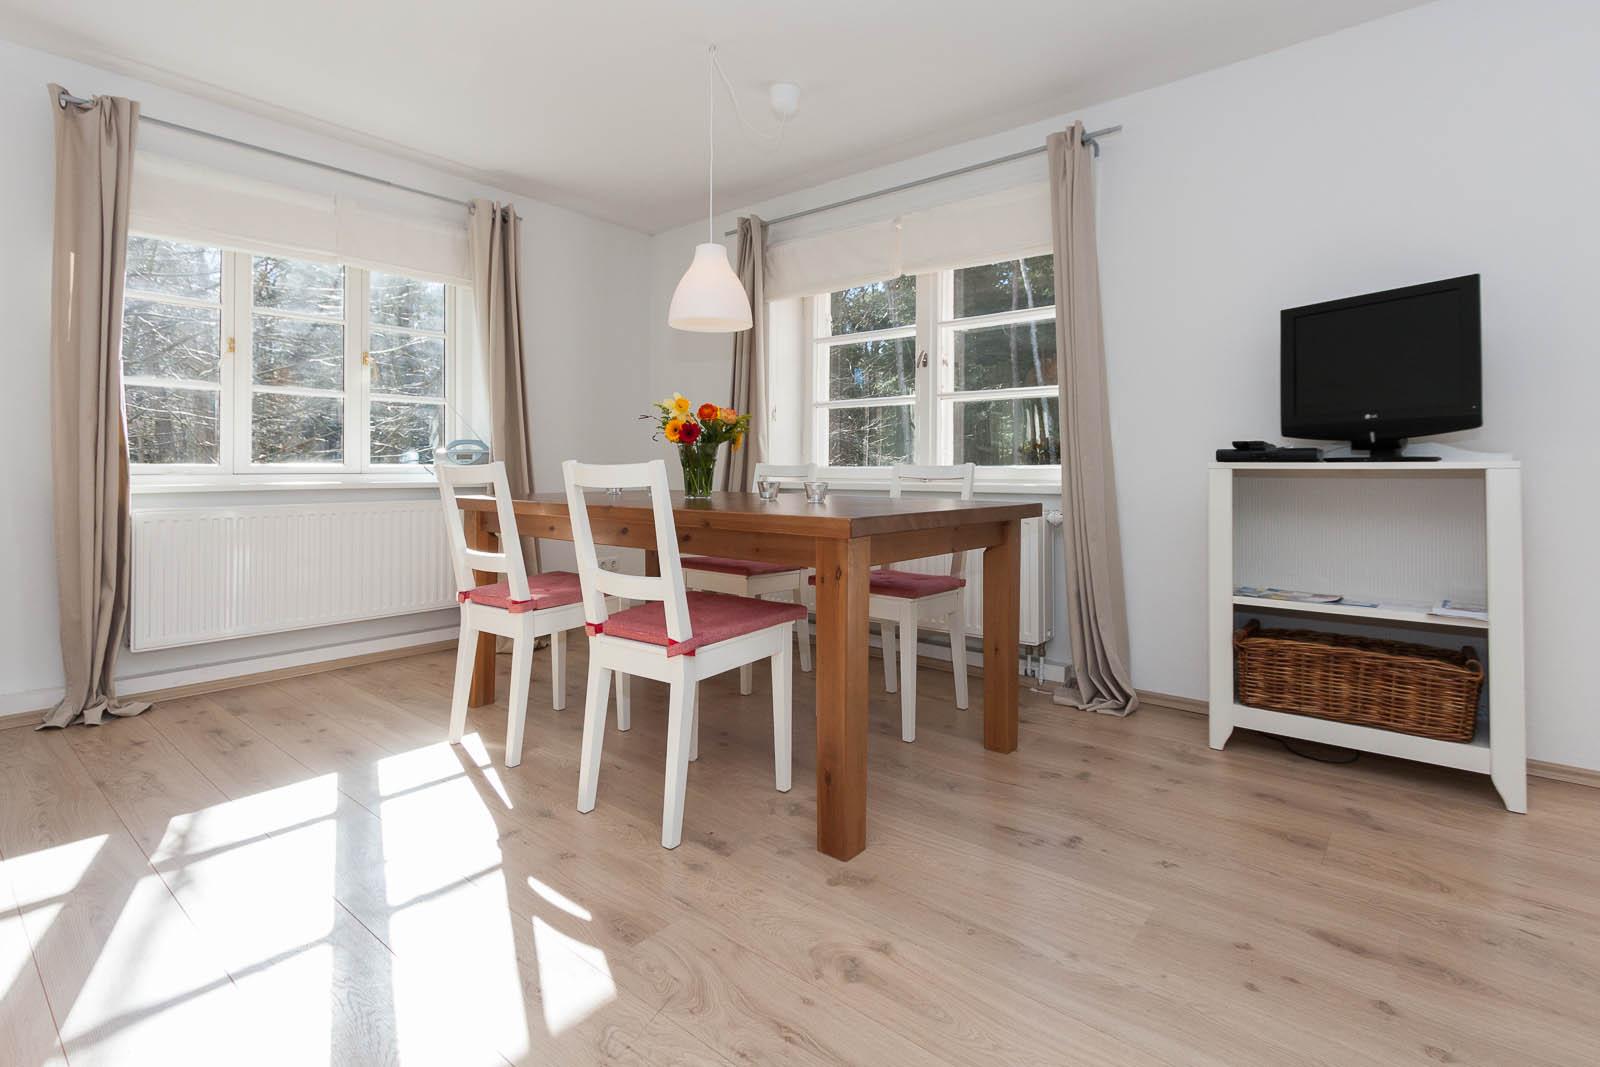 haus walden insel amrumwohnung 1 haus walden. Black Bedroom Furniture Sets. Home Design Ideas